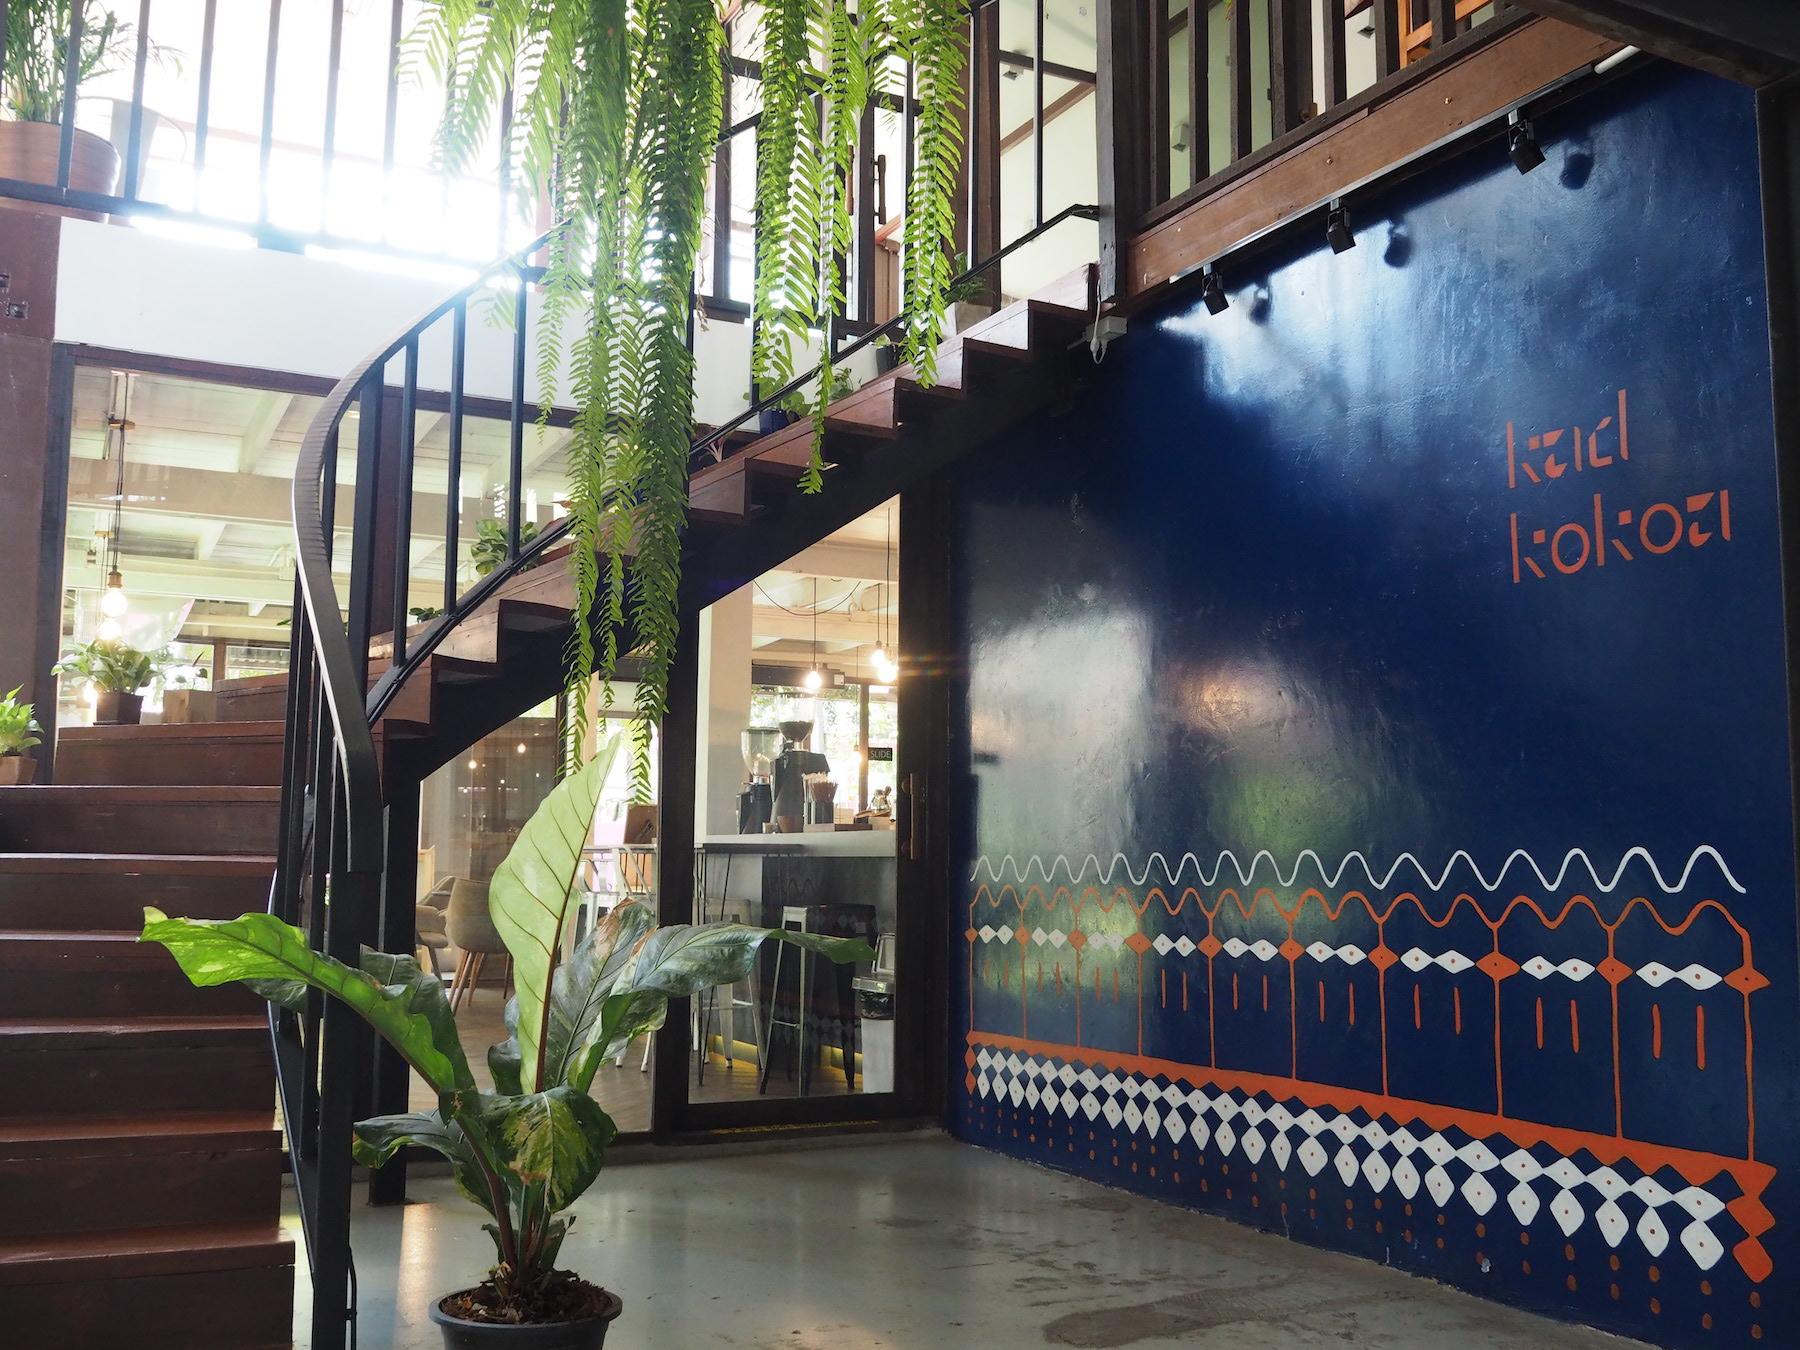 魅惑のタイ産カカオのチョコレートに出会えるチョコレートカフェ「KAD KOKOA」